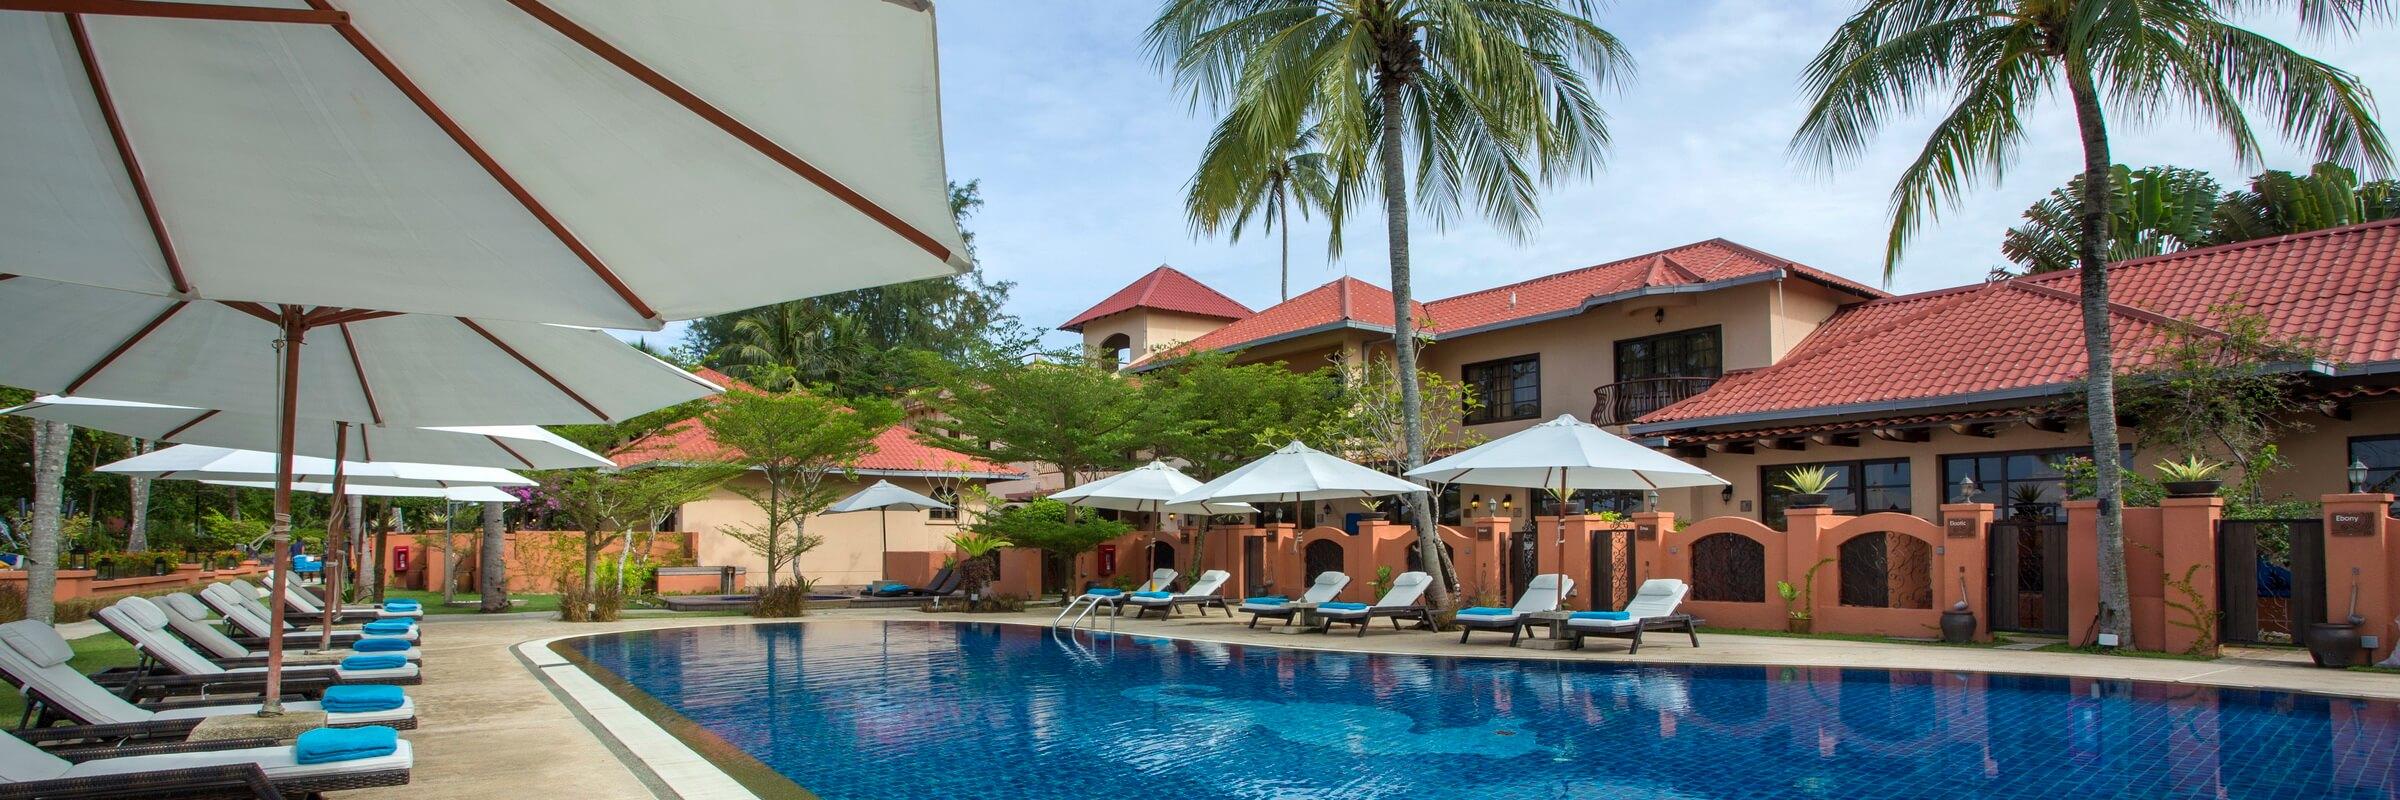 Stilvolle Poollandschaft mit Sonnenterasse des Casa del Mar Boutique-Hotel in Malaysia